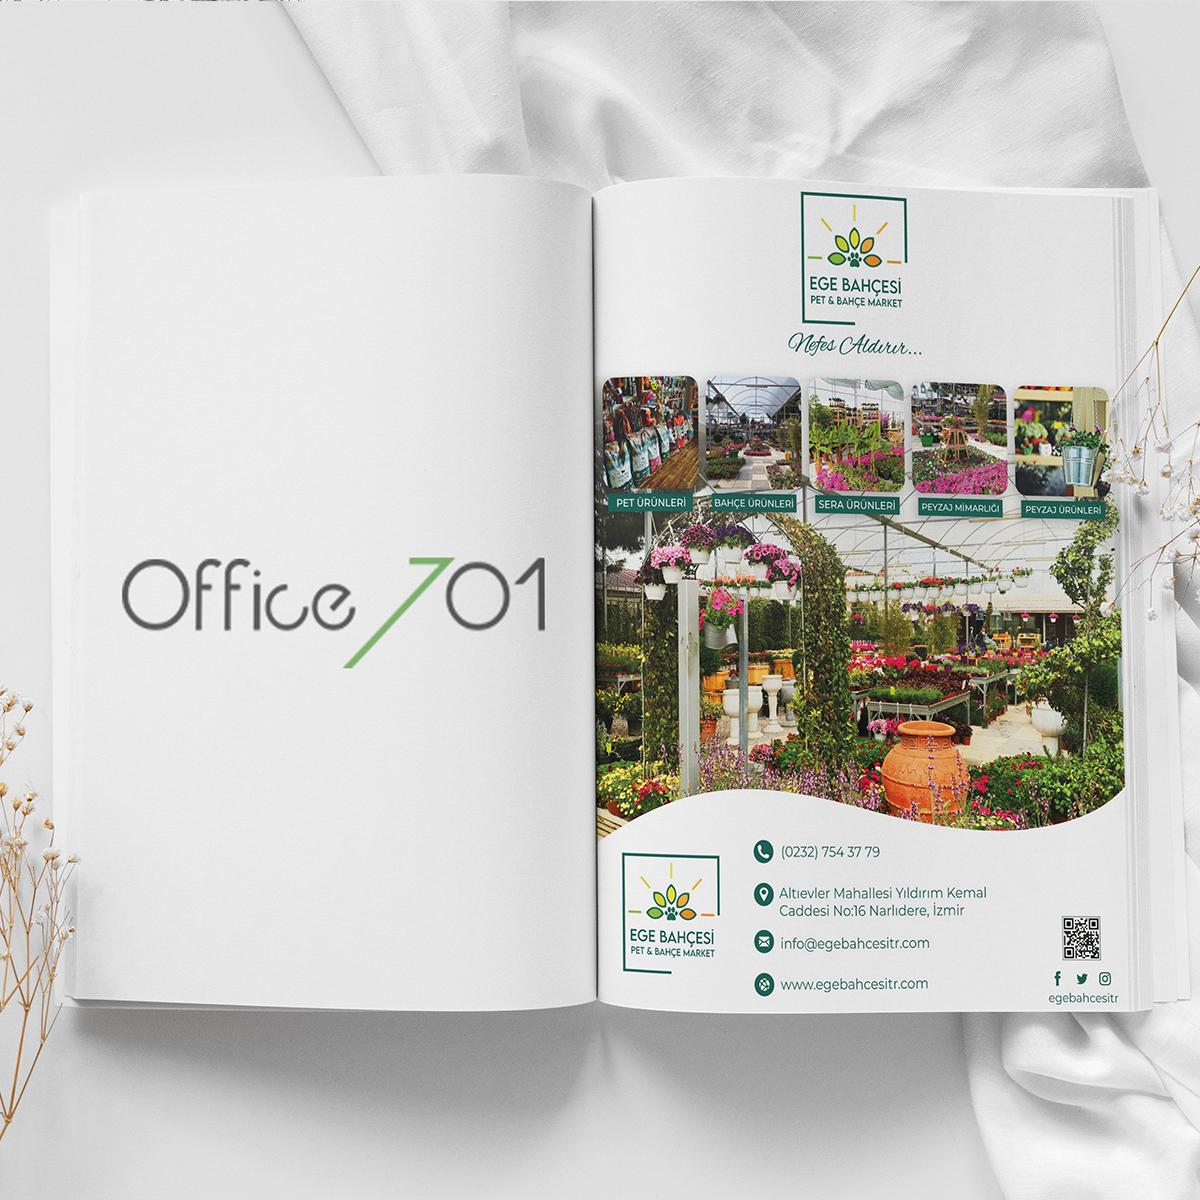 Office701 | Ege Bahçesi Dergi Tasarımı